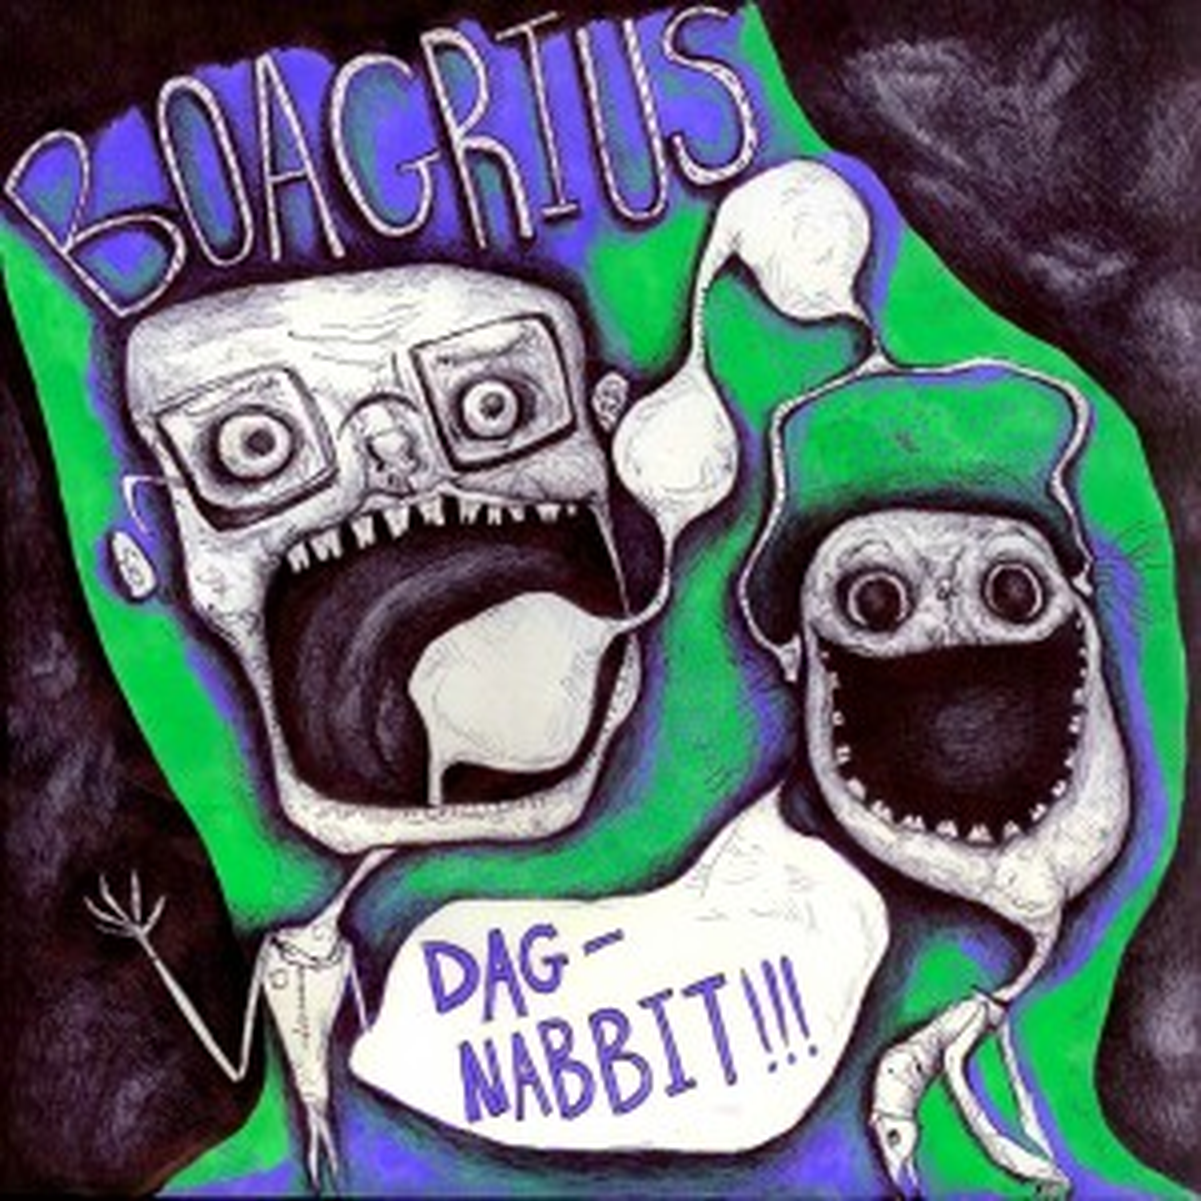 Boagrius